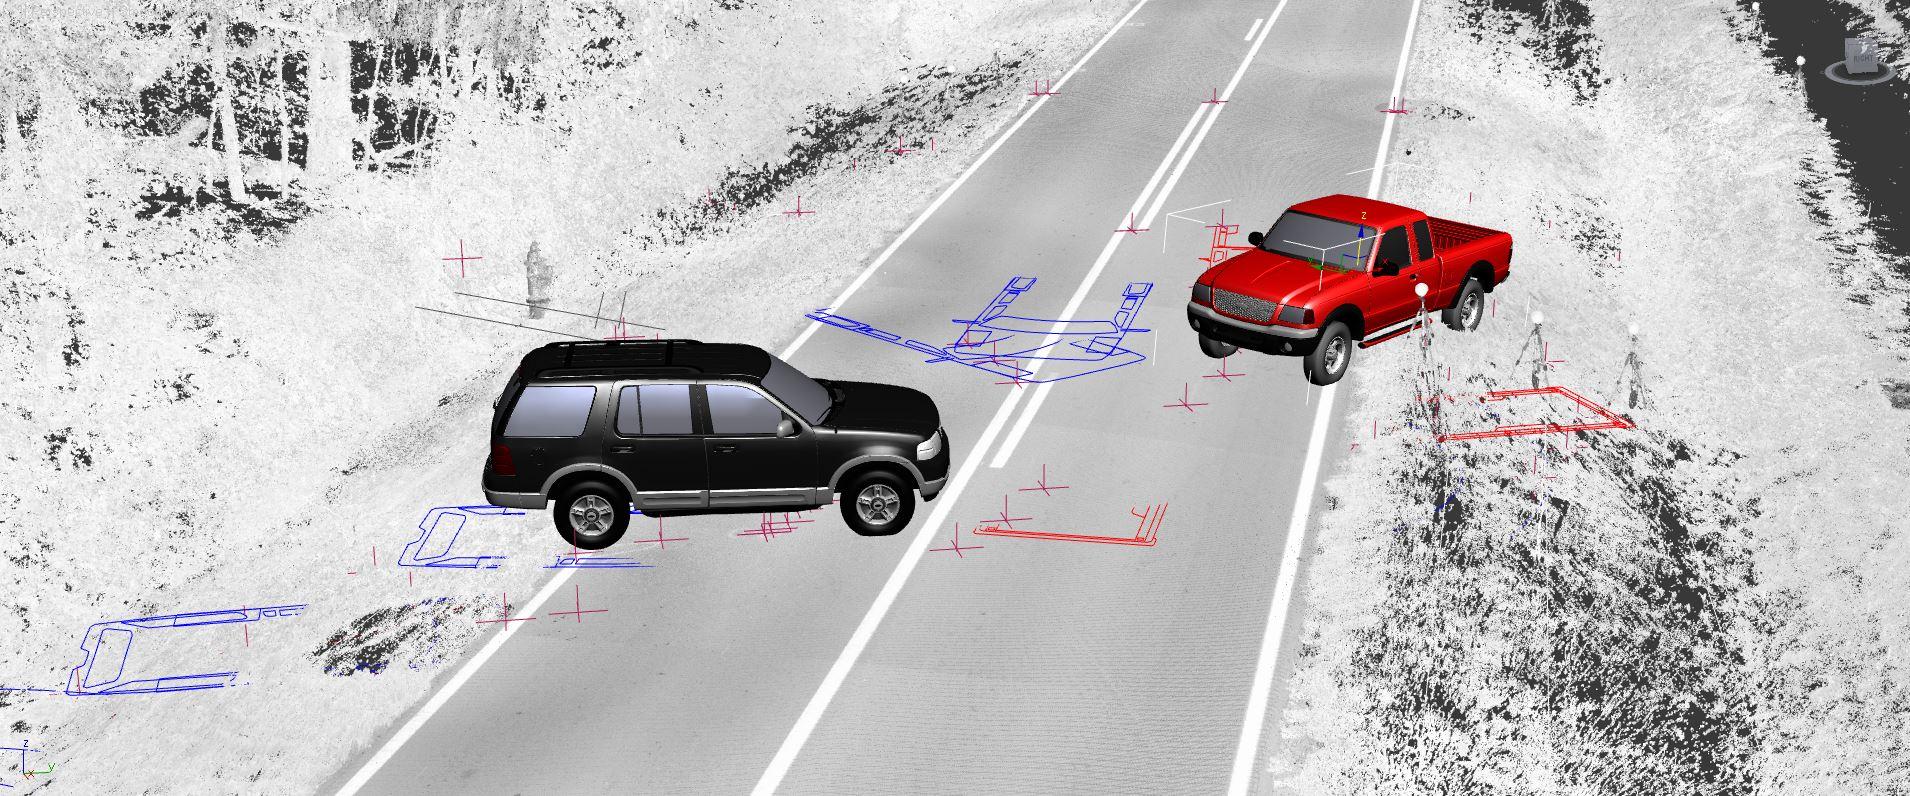 Accident Reconstruction – Wotech3D